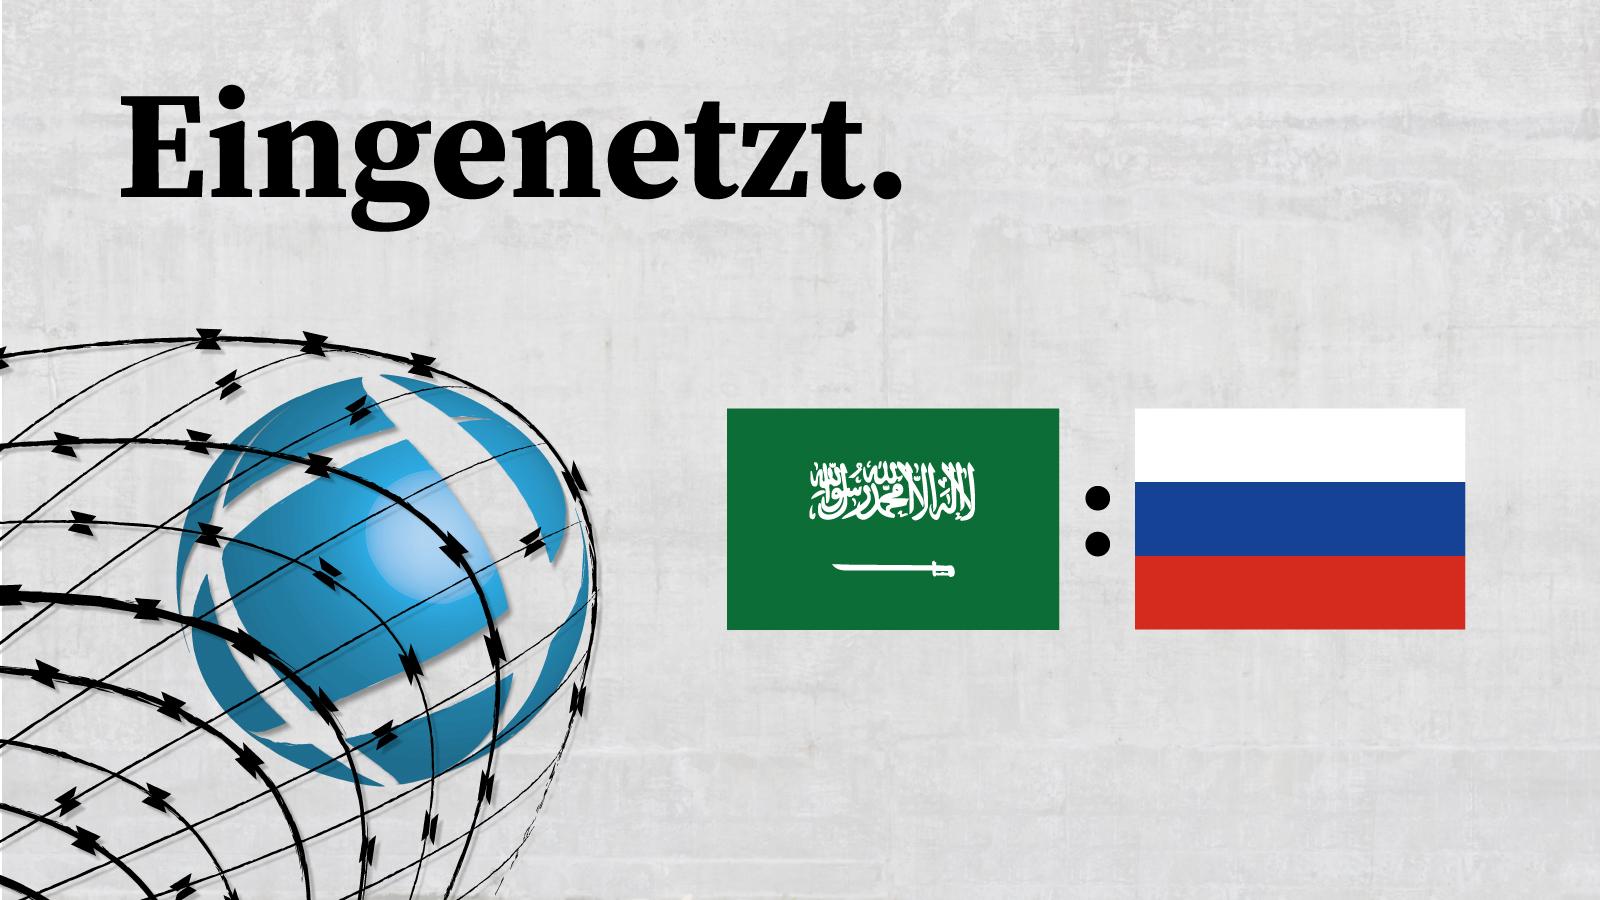 125x125 Netzpolitik